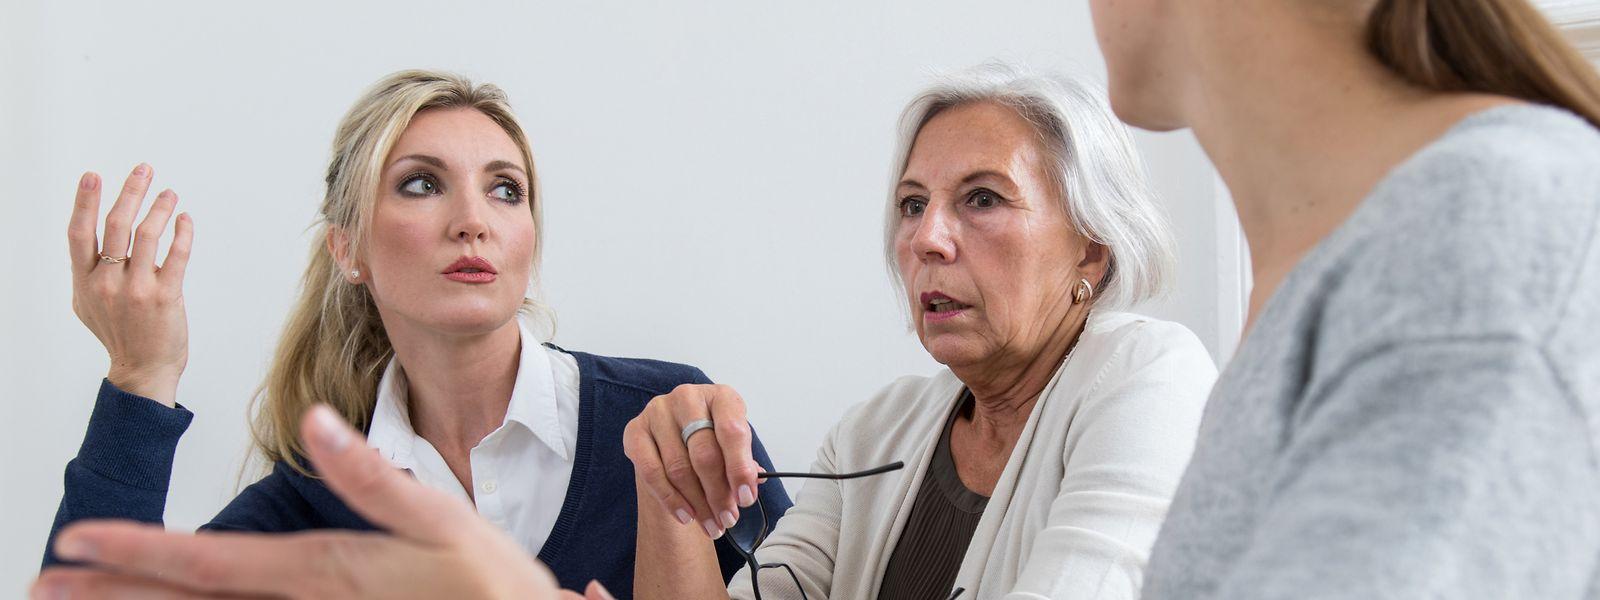 Fällt die Kritik immerzu schroff aus, fühlen sich manche Mitarbeiter und Mitarbeiterinnen schnell unwohl.